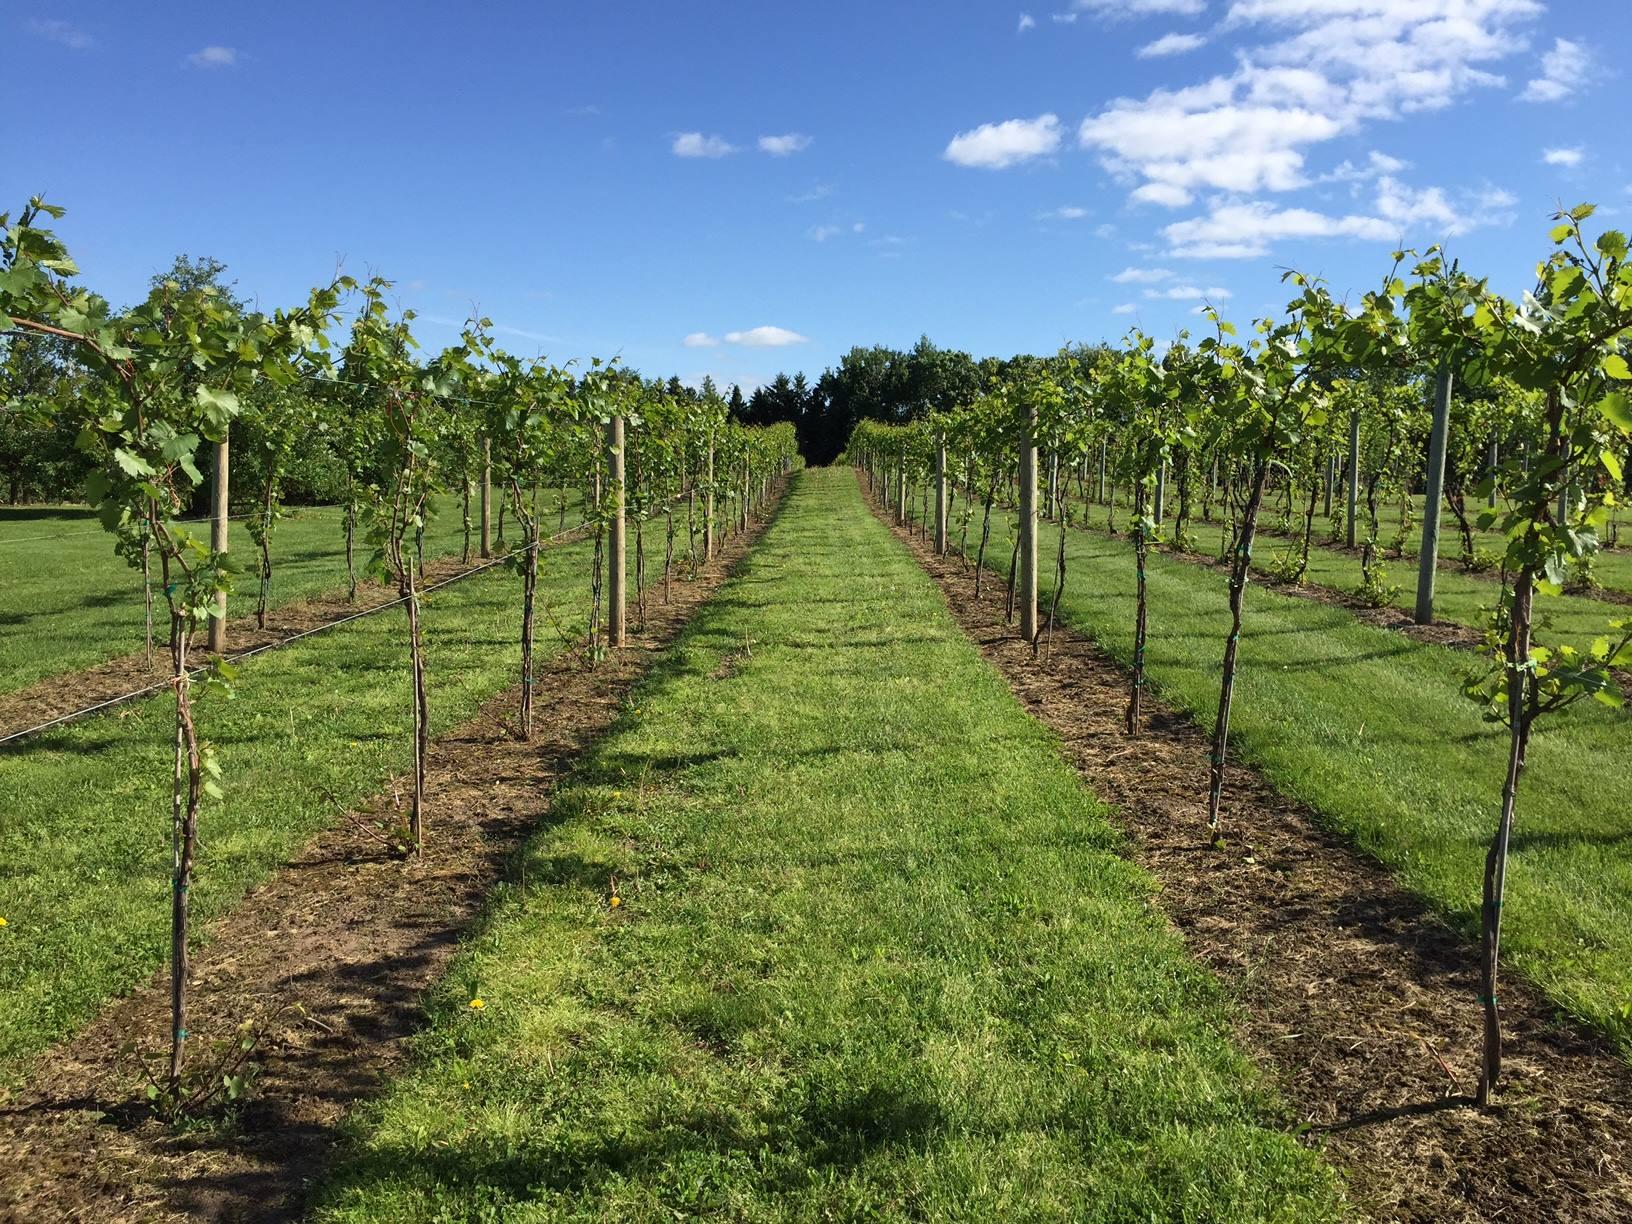 Saint Croix Vineyards